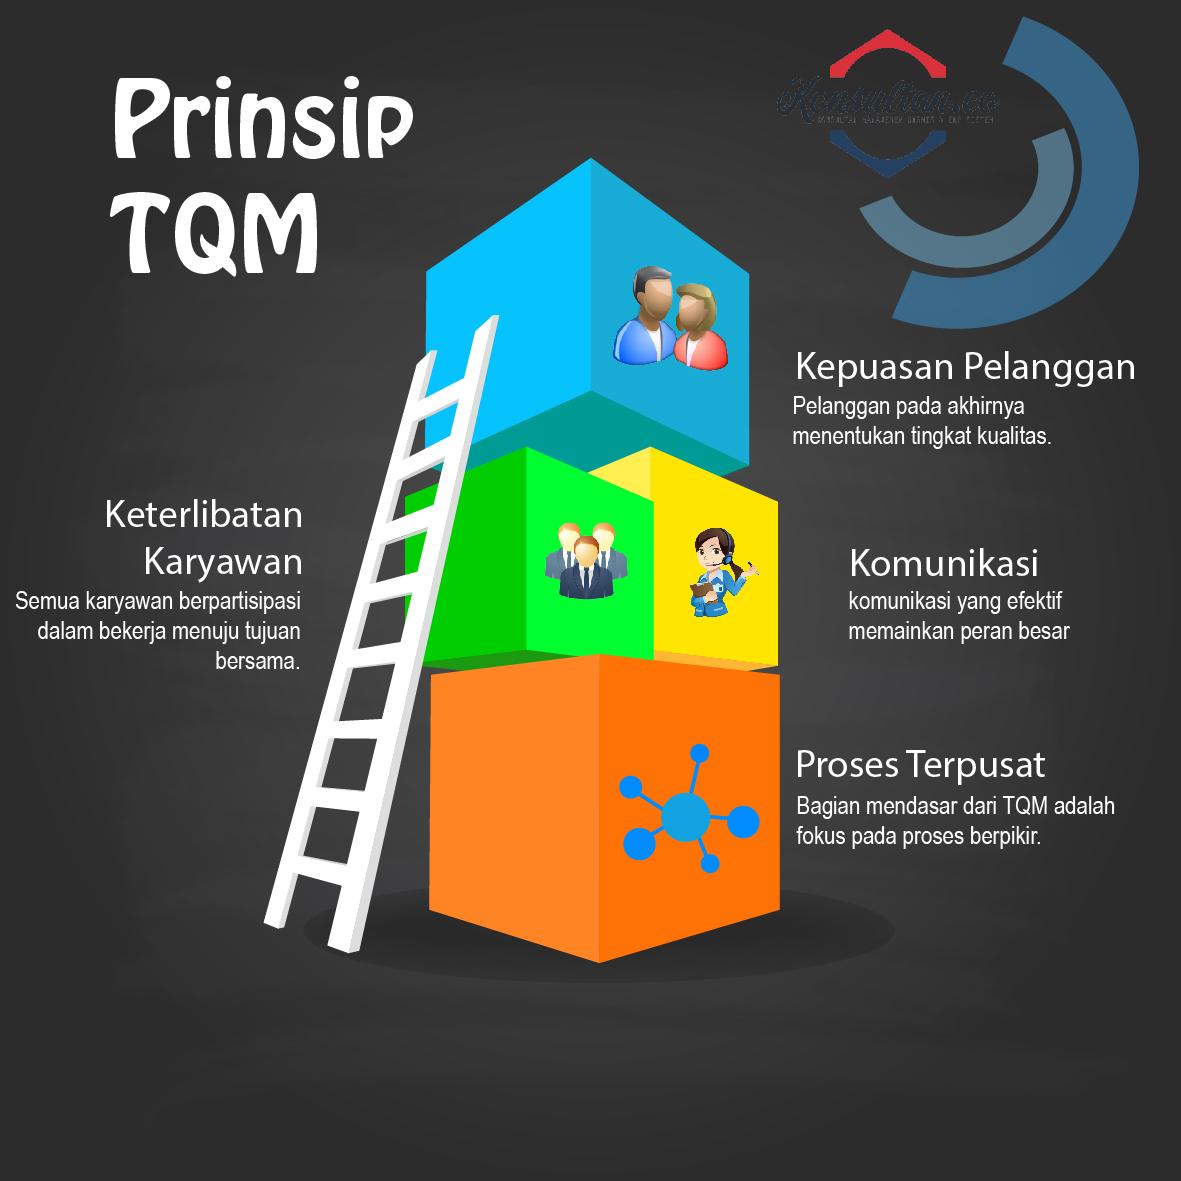 Konsultan Bisnis Dan Manajemen Konsultan Manajemen Prinsip Dasar Tqm